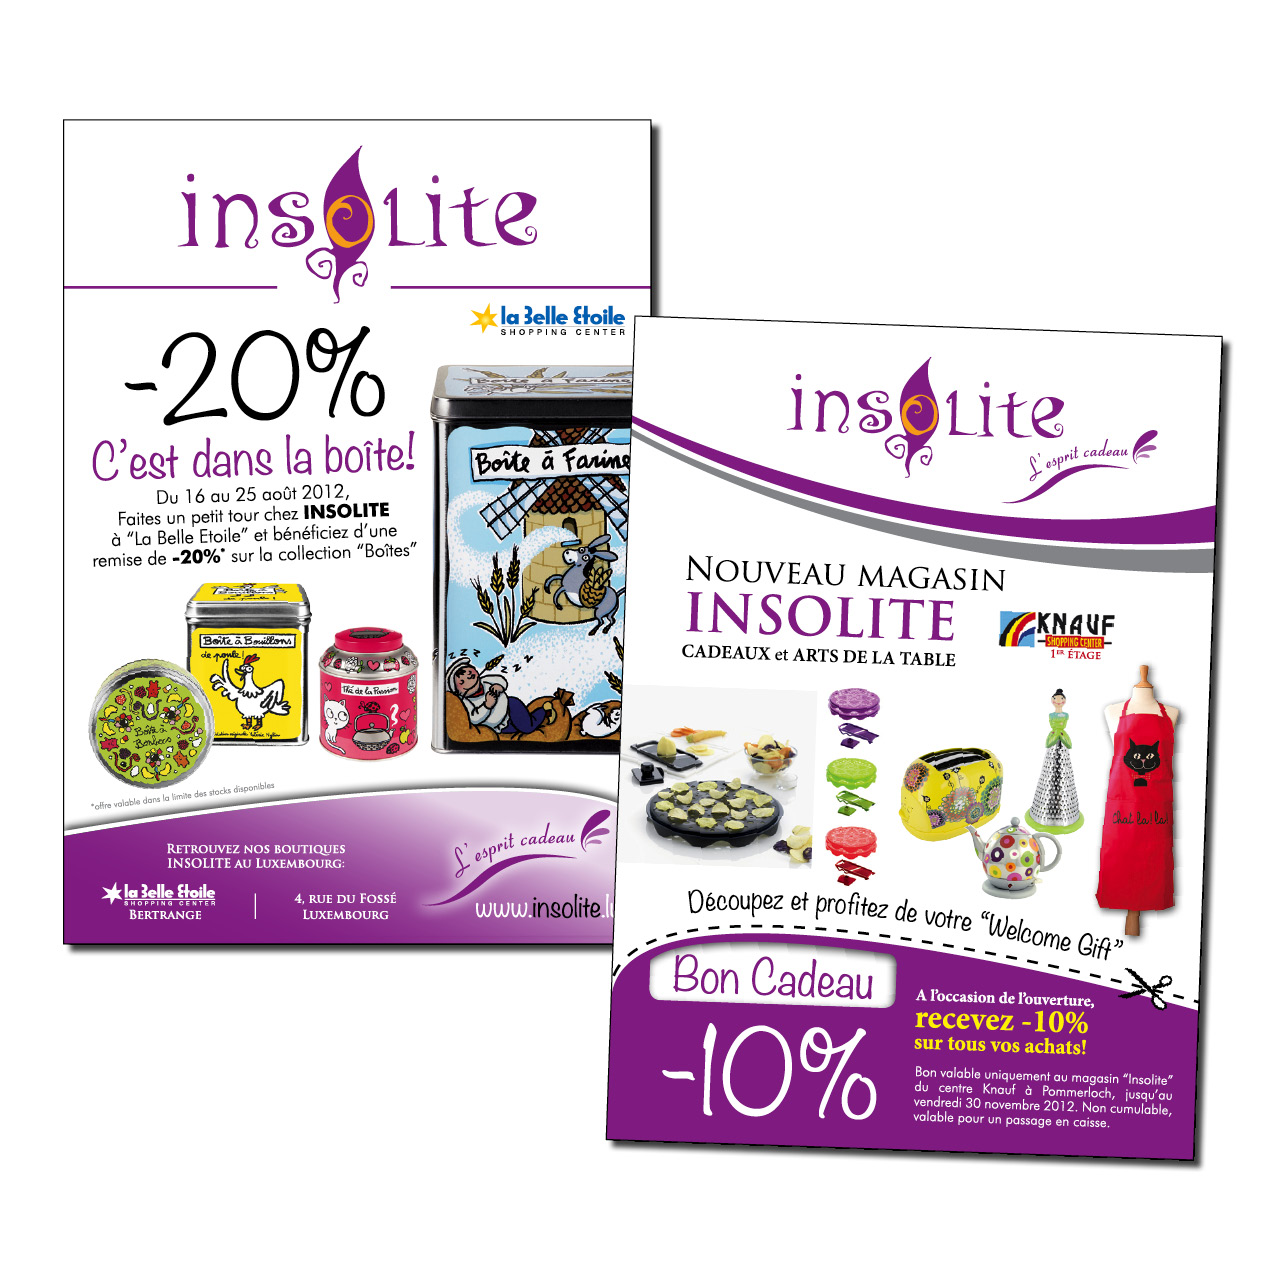 Insolite